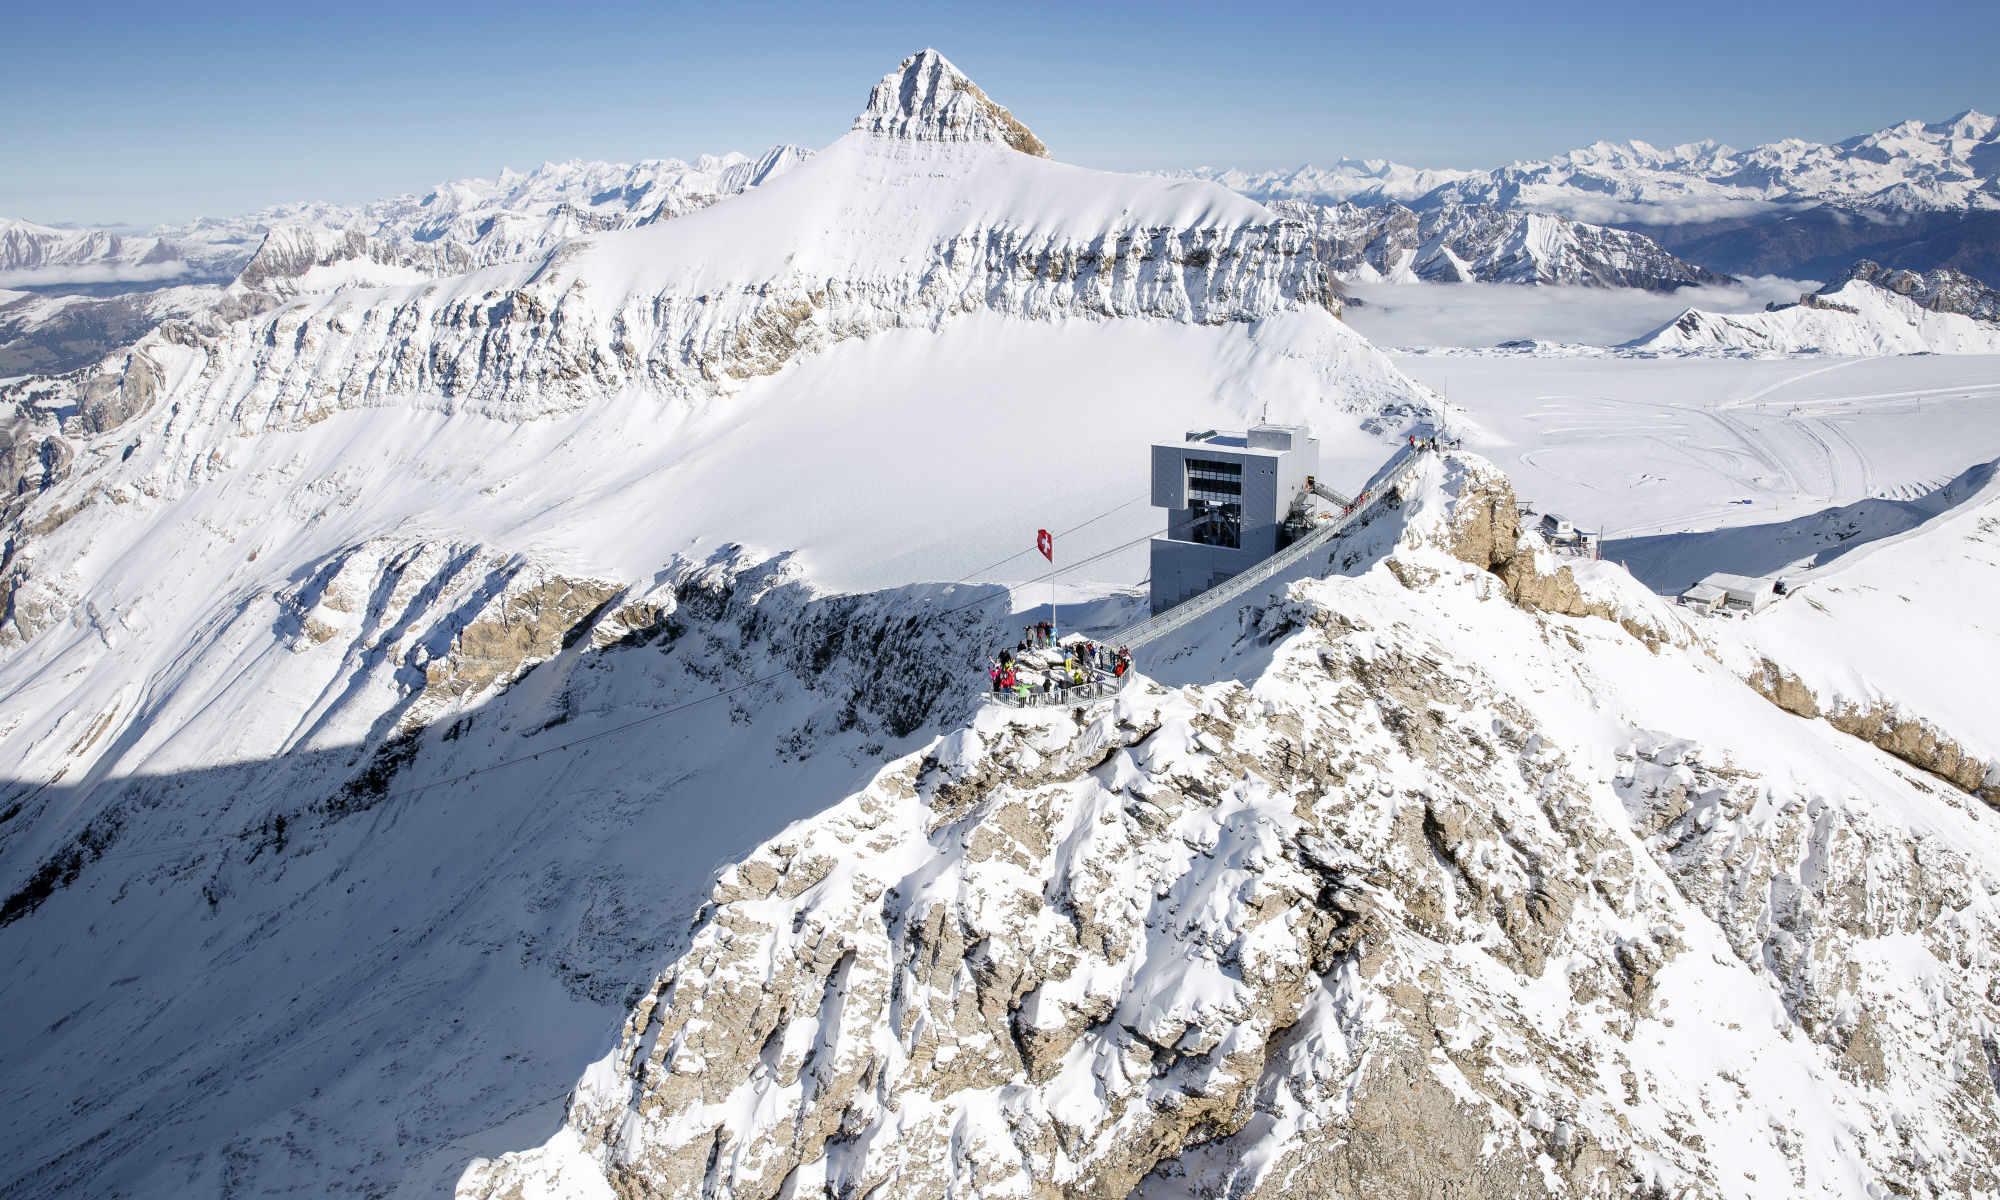 Der Peak Walk by Tissot von oben im Skigebiet Glacier 3000 in Les Diablerets.